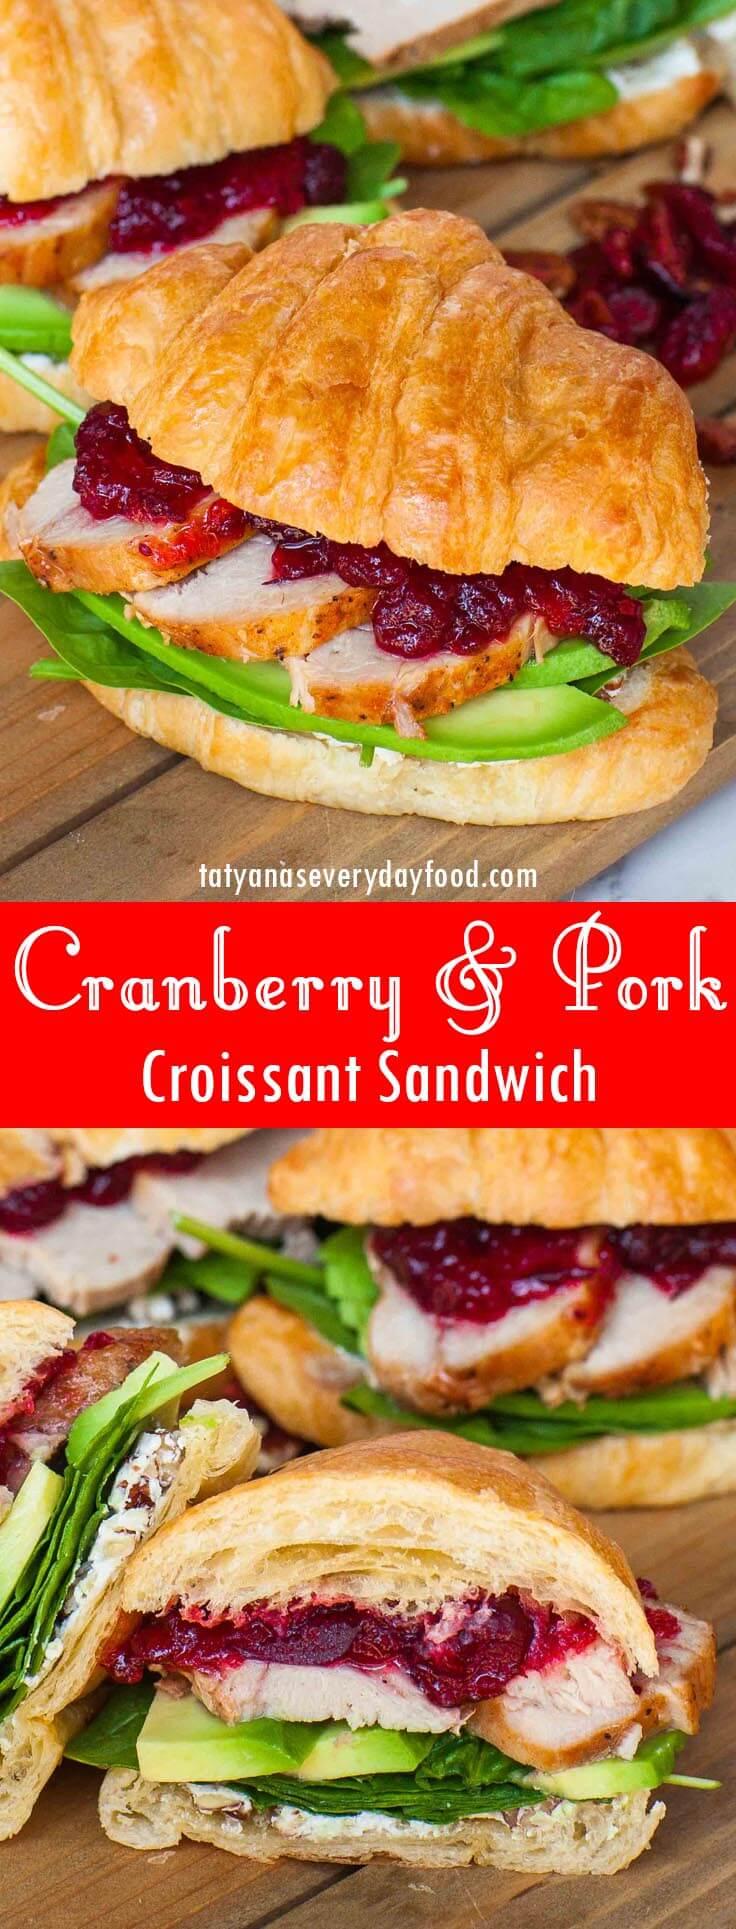 Cranberry Pork Croissant Sandwich recipe